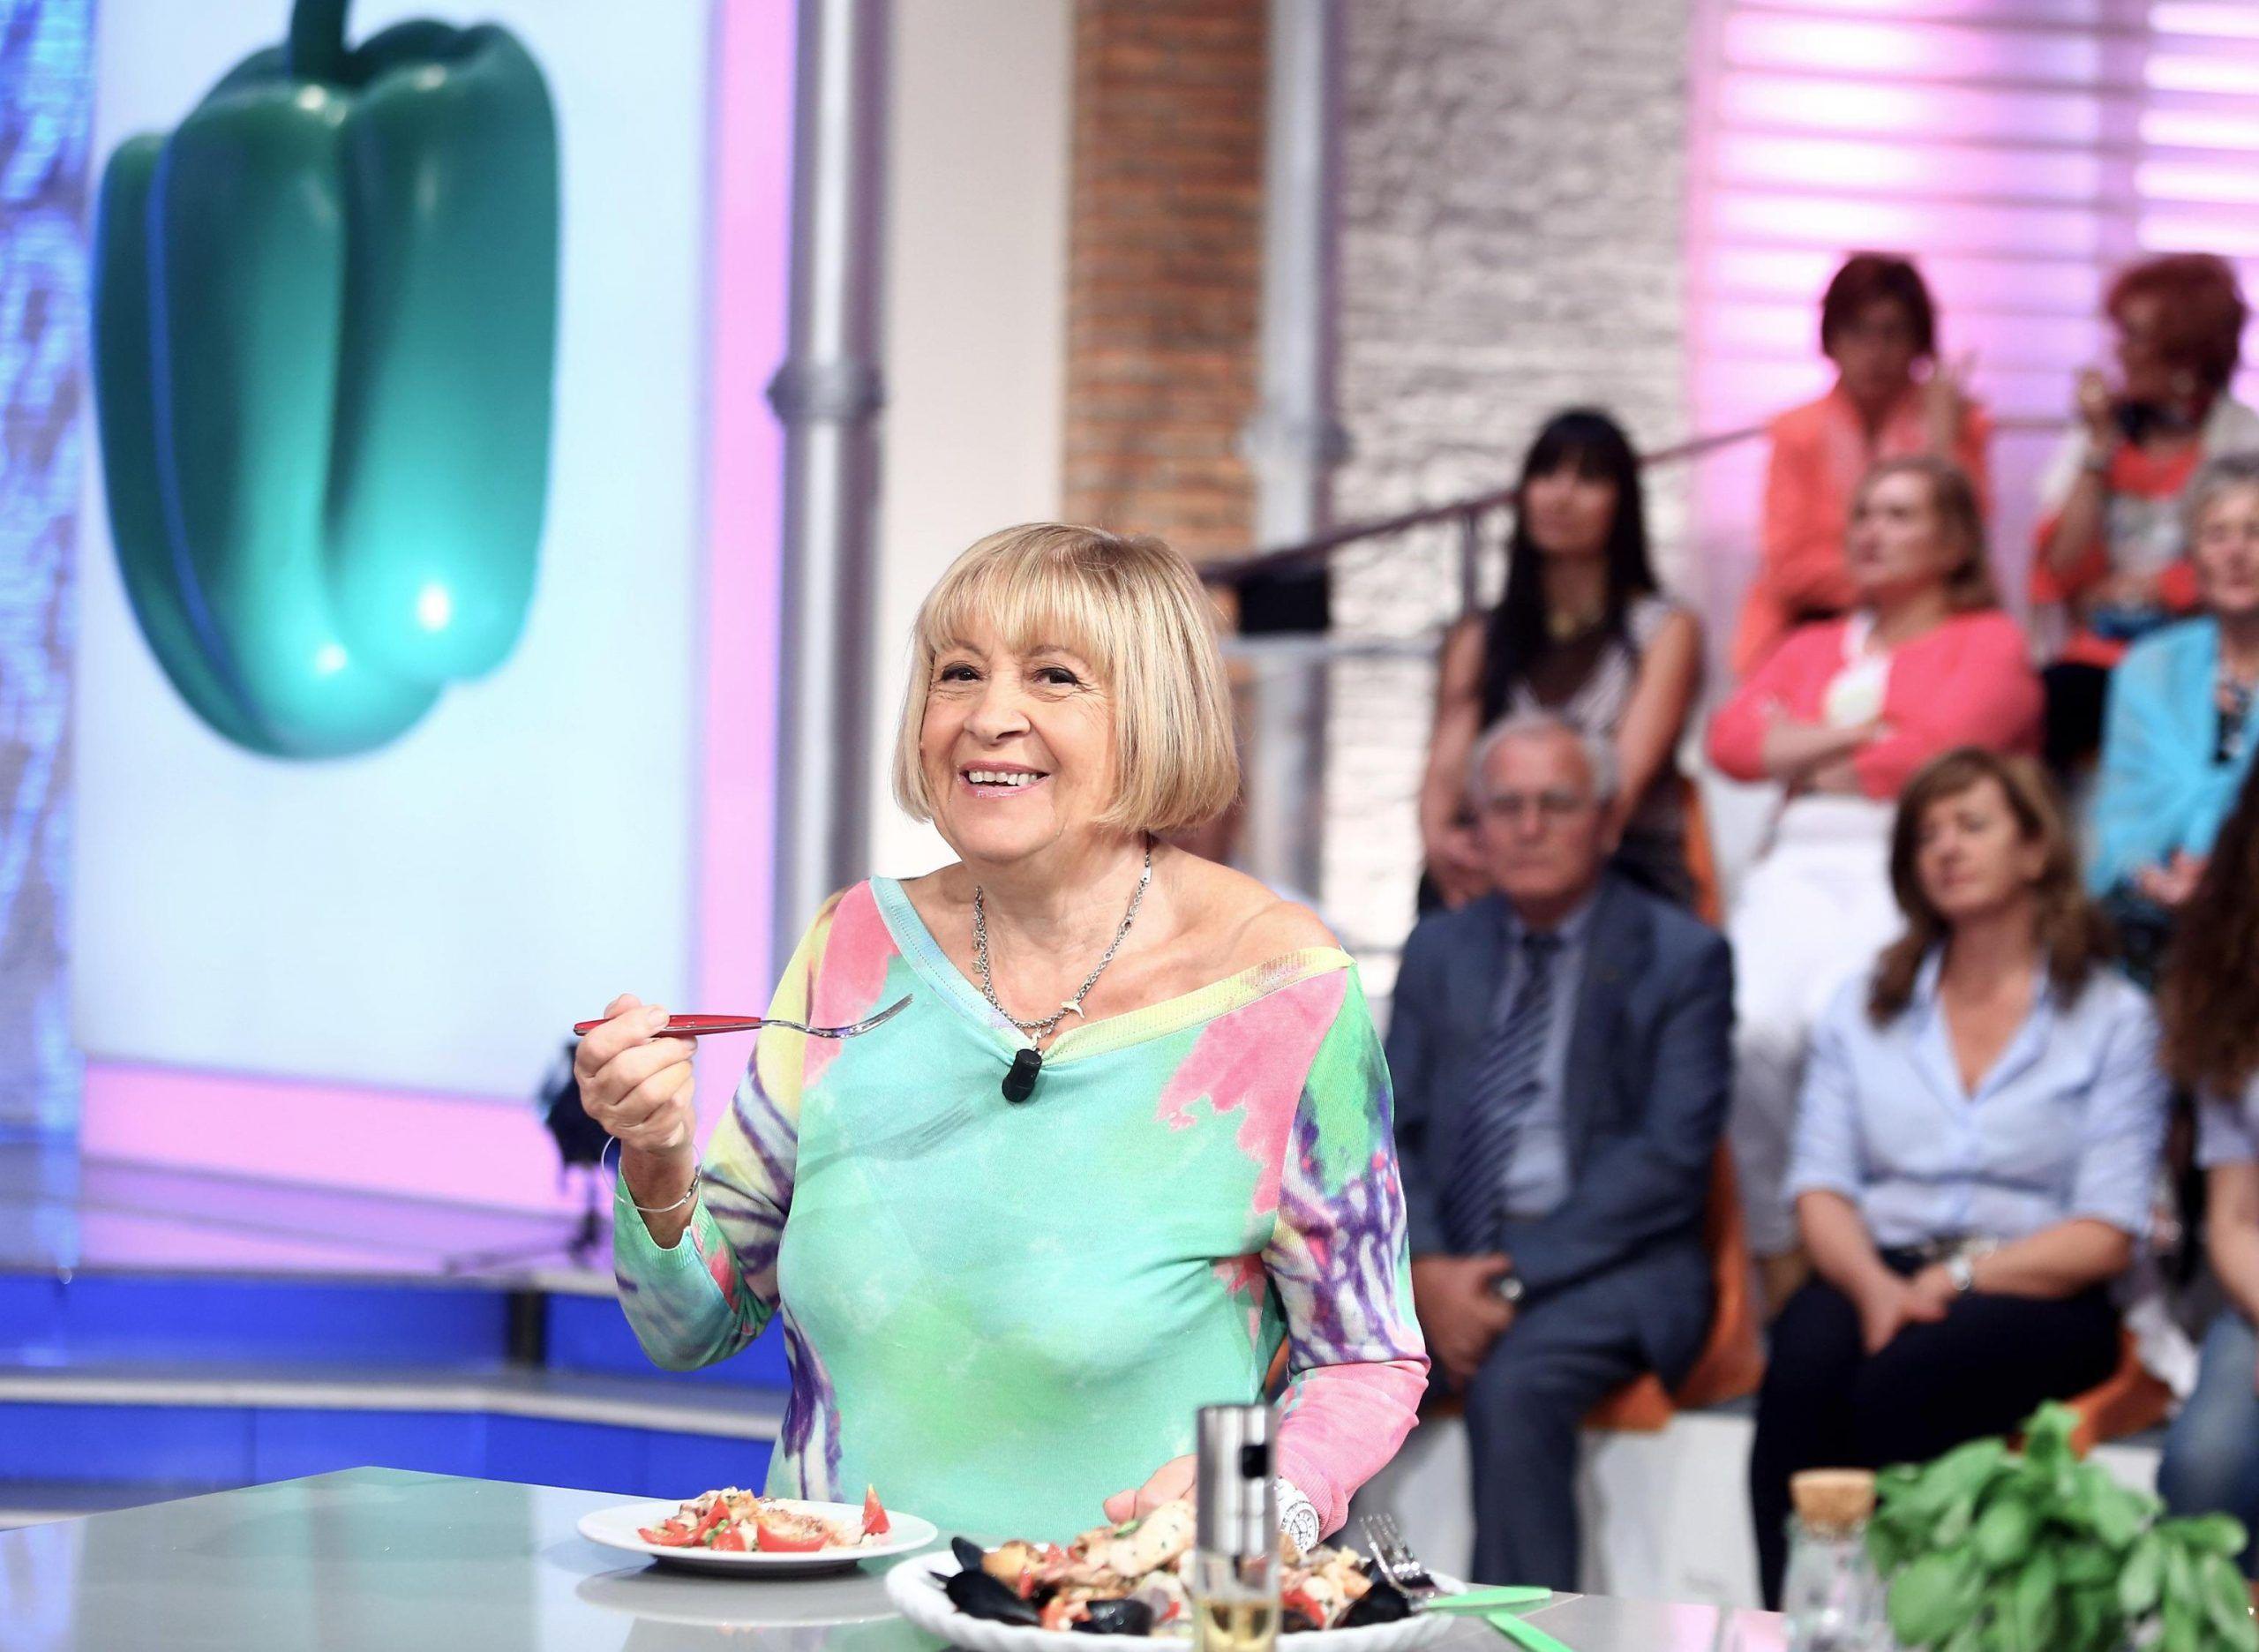 Lutto per Anna Moroni, grave perdita per l'ex volto de La Prova del cuoco